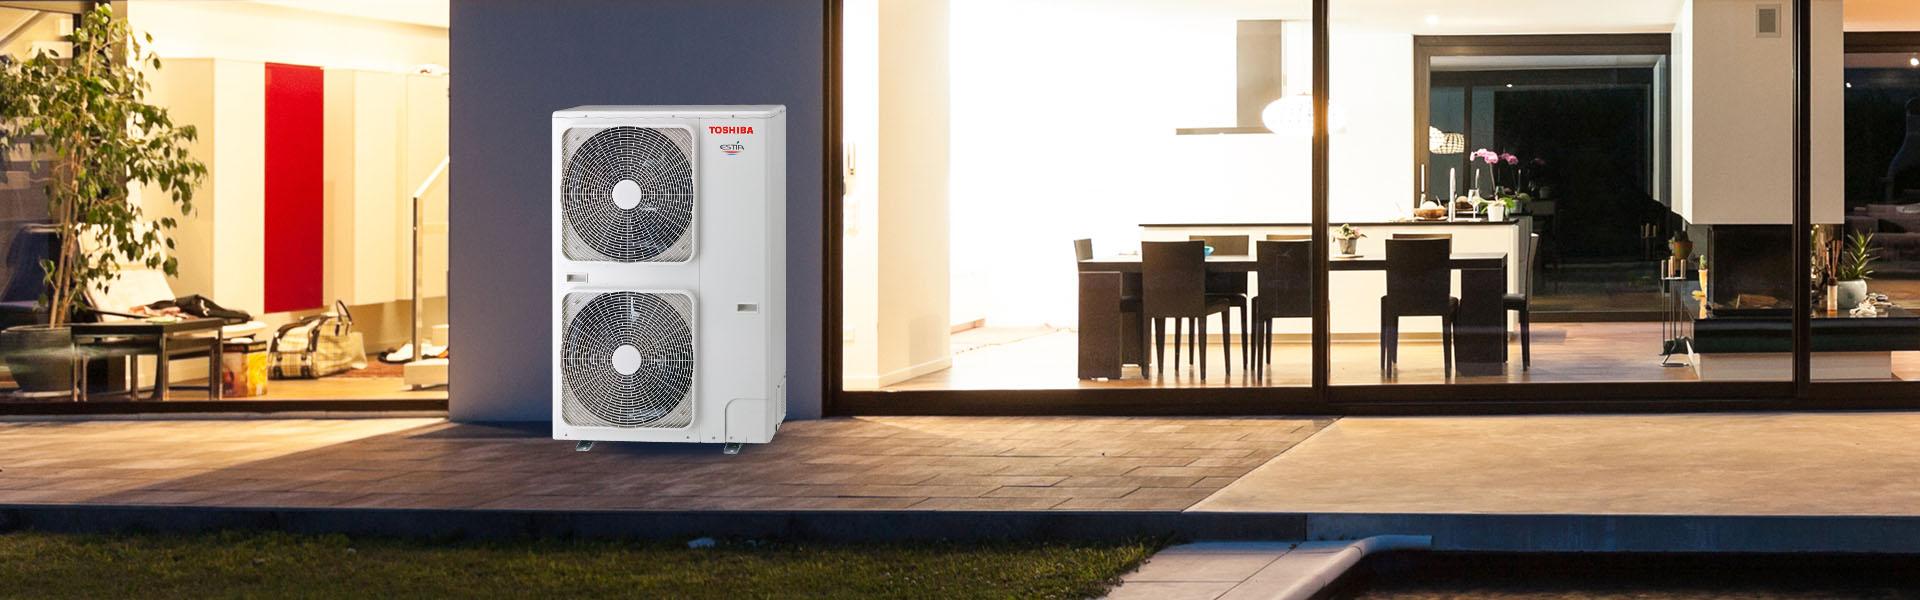 Pompe de căldură: cea mai eficientă soluție de încălzire care respectă mediul înconjurător